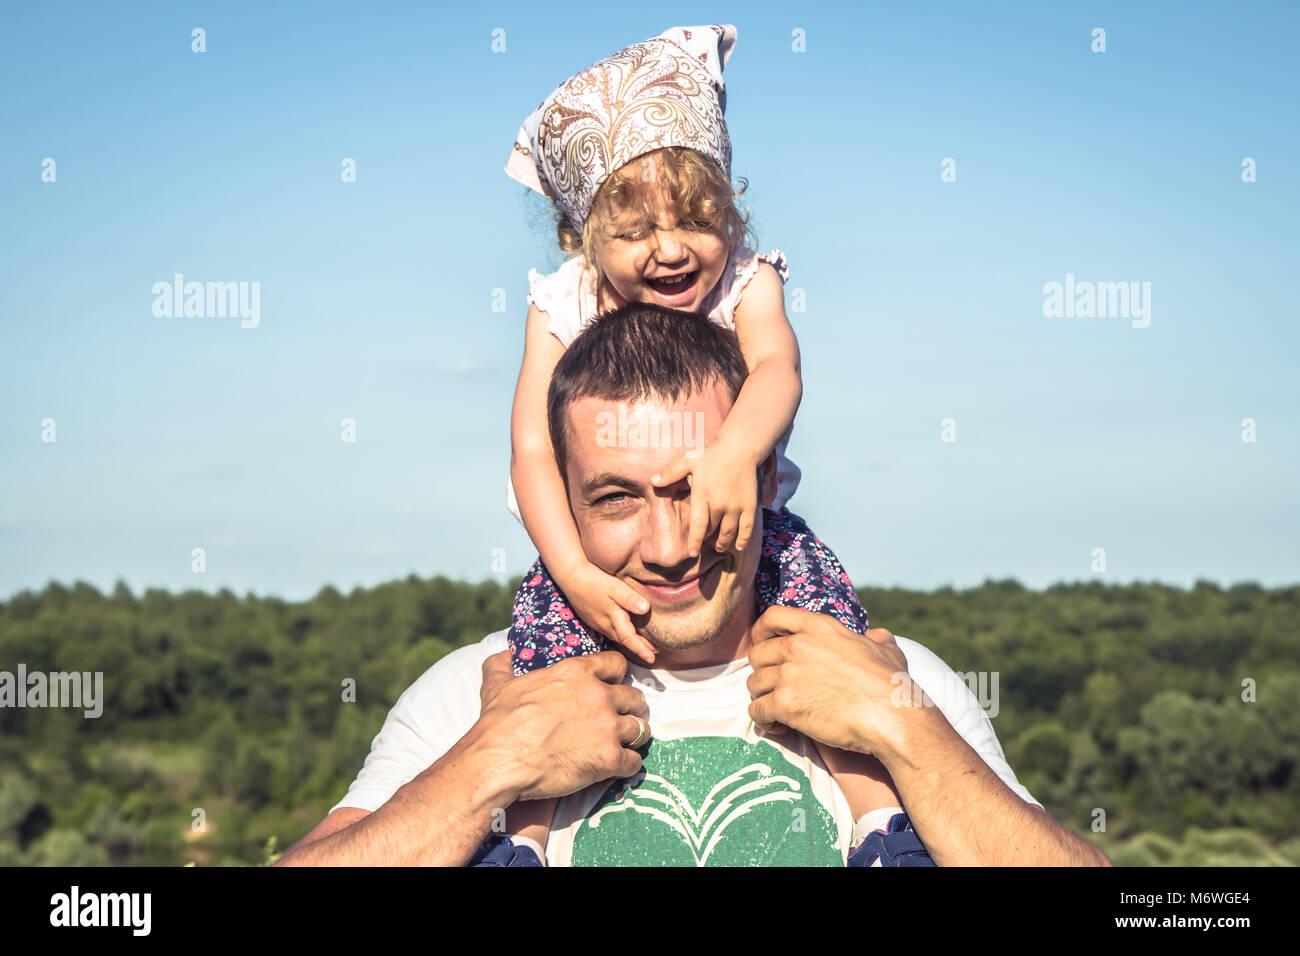 Le père mignon fille de s'amuser ensemble comme mode de vie familial portrait dans face de ciel bleu. Heureux Photo Stock